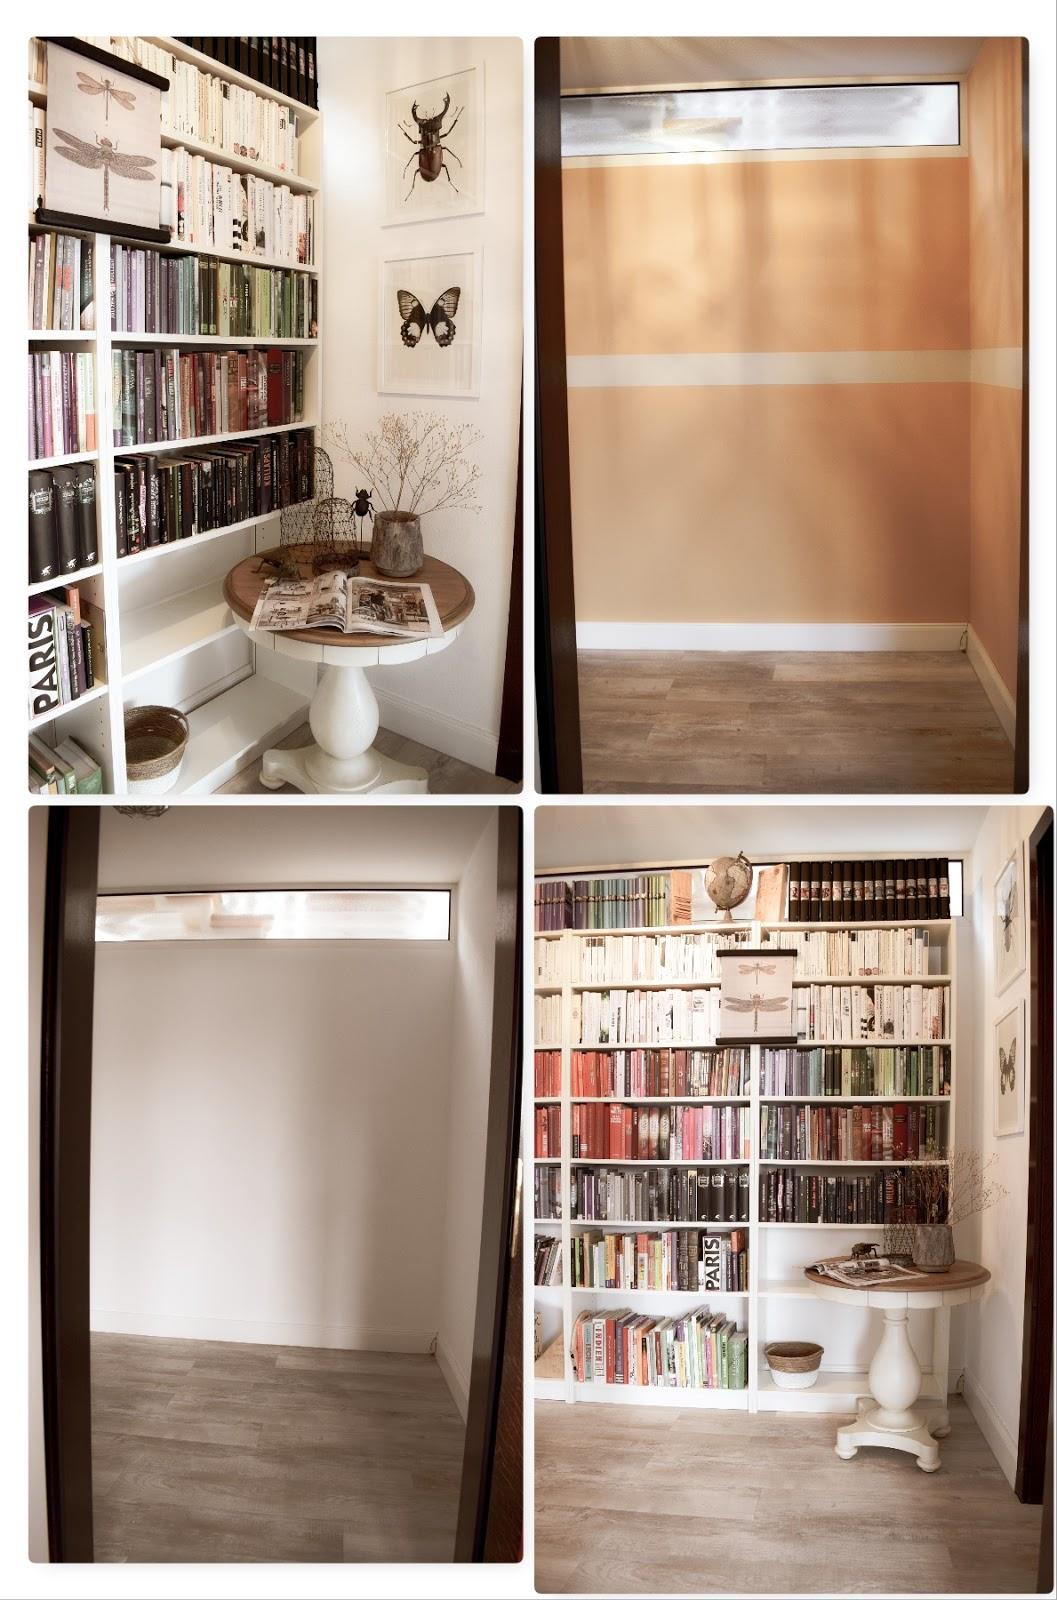 Renovierung Update Vorher Nachher Bücherregale ordnen und schön dekorieren. Dekotipps Ordnung Bücher Regale Bibliothek